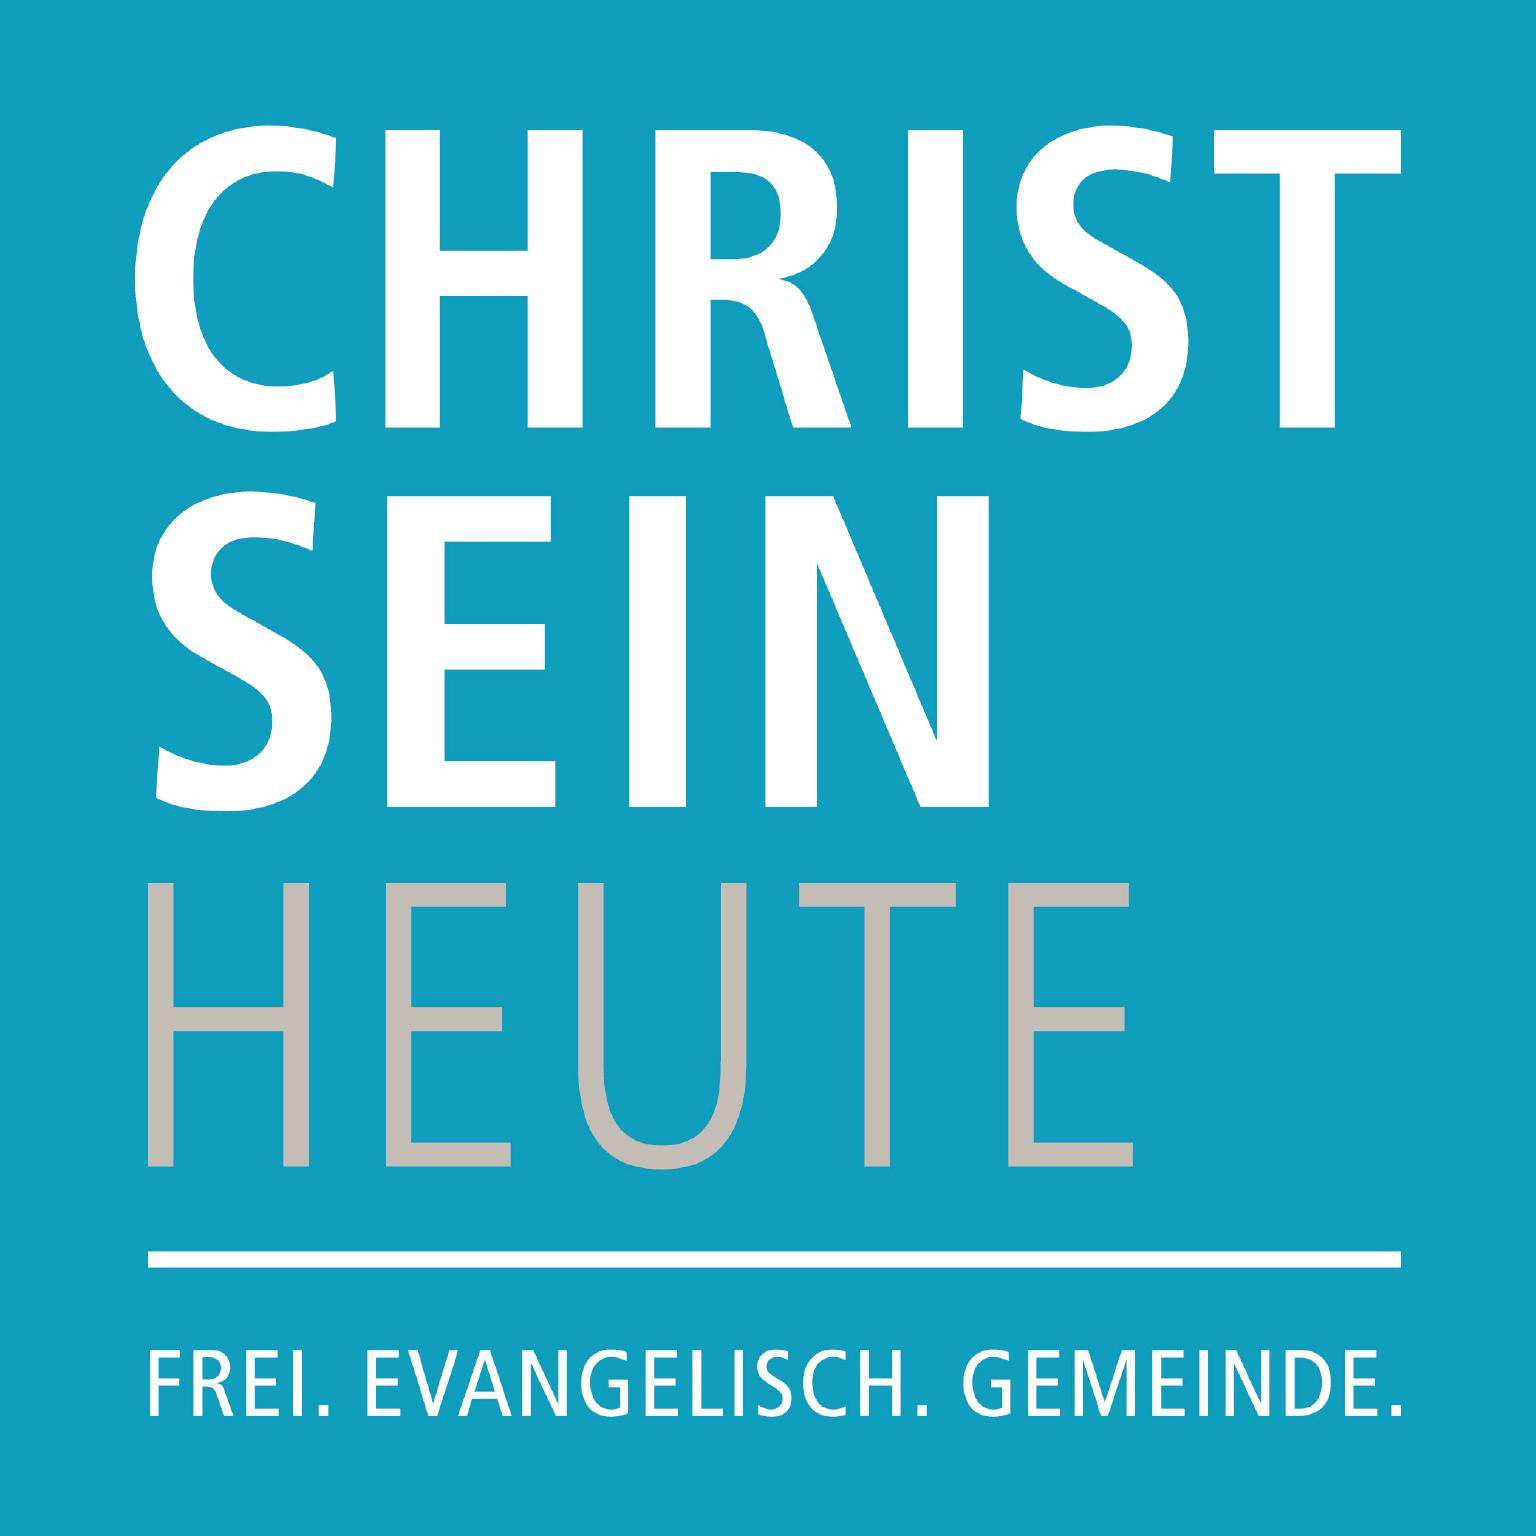 CHRISTSEIN HEUTE